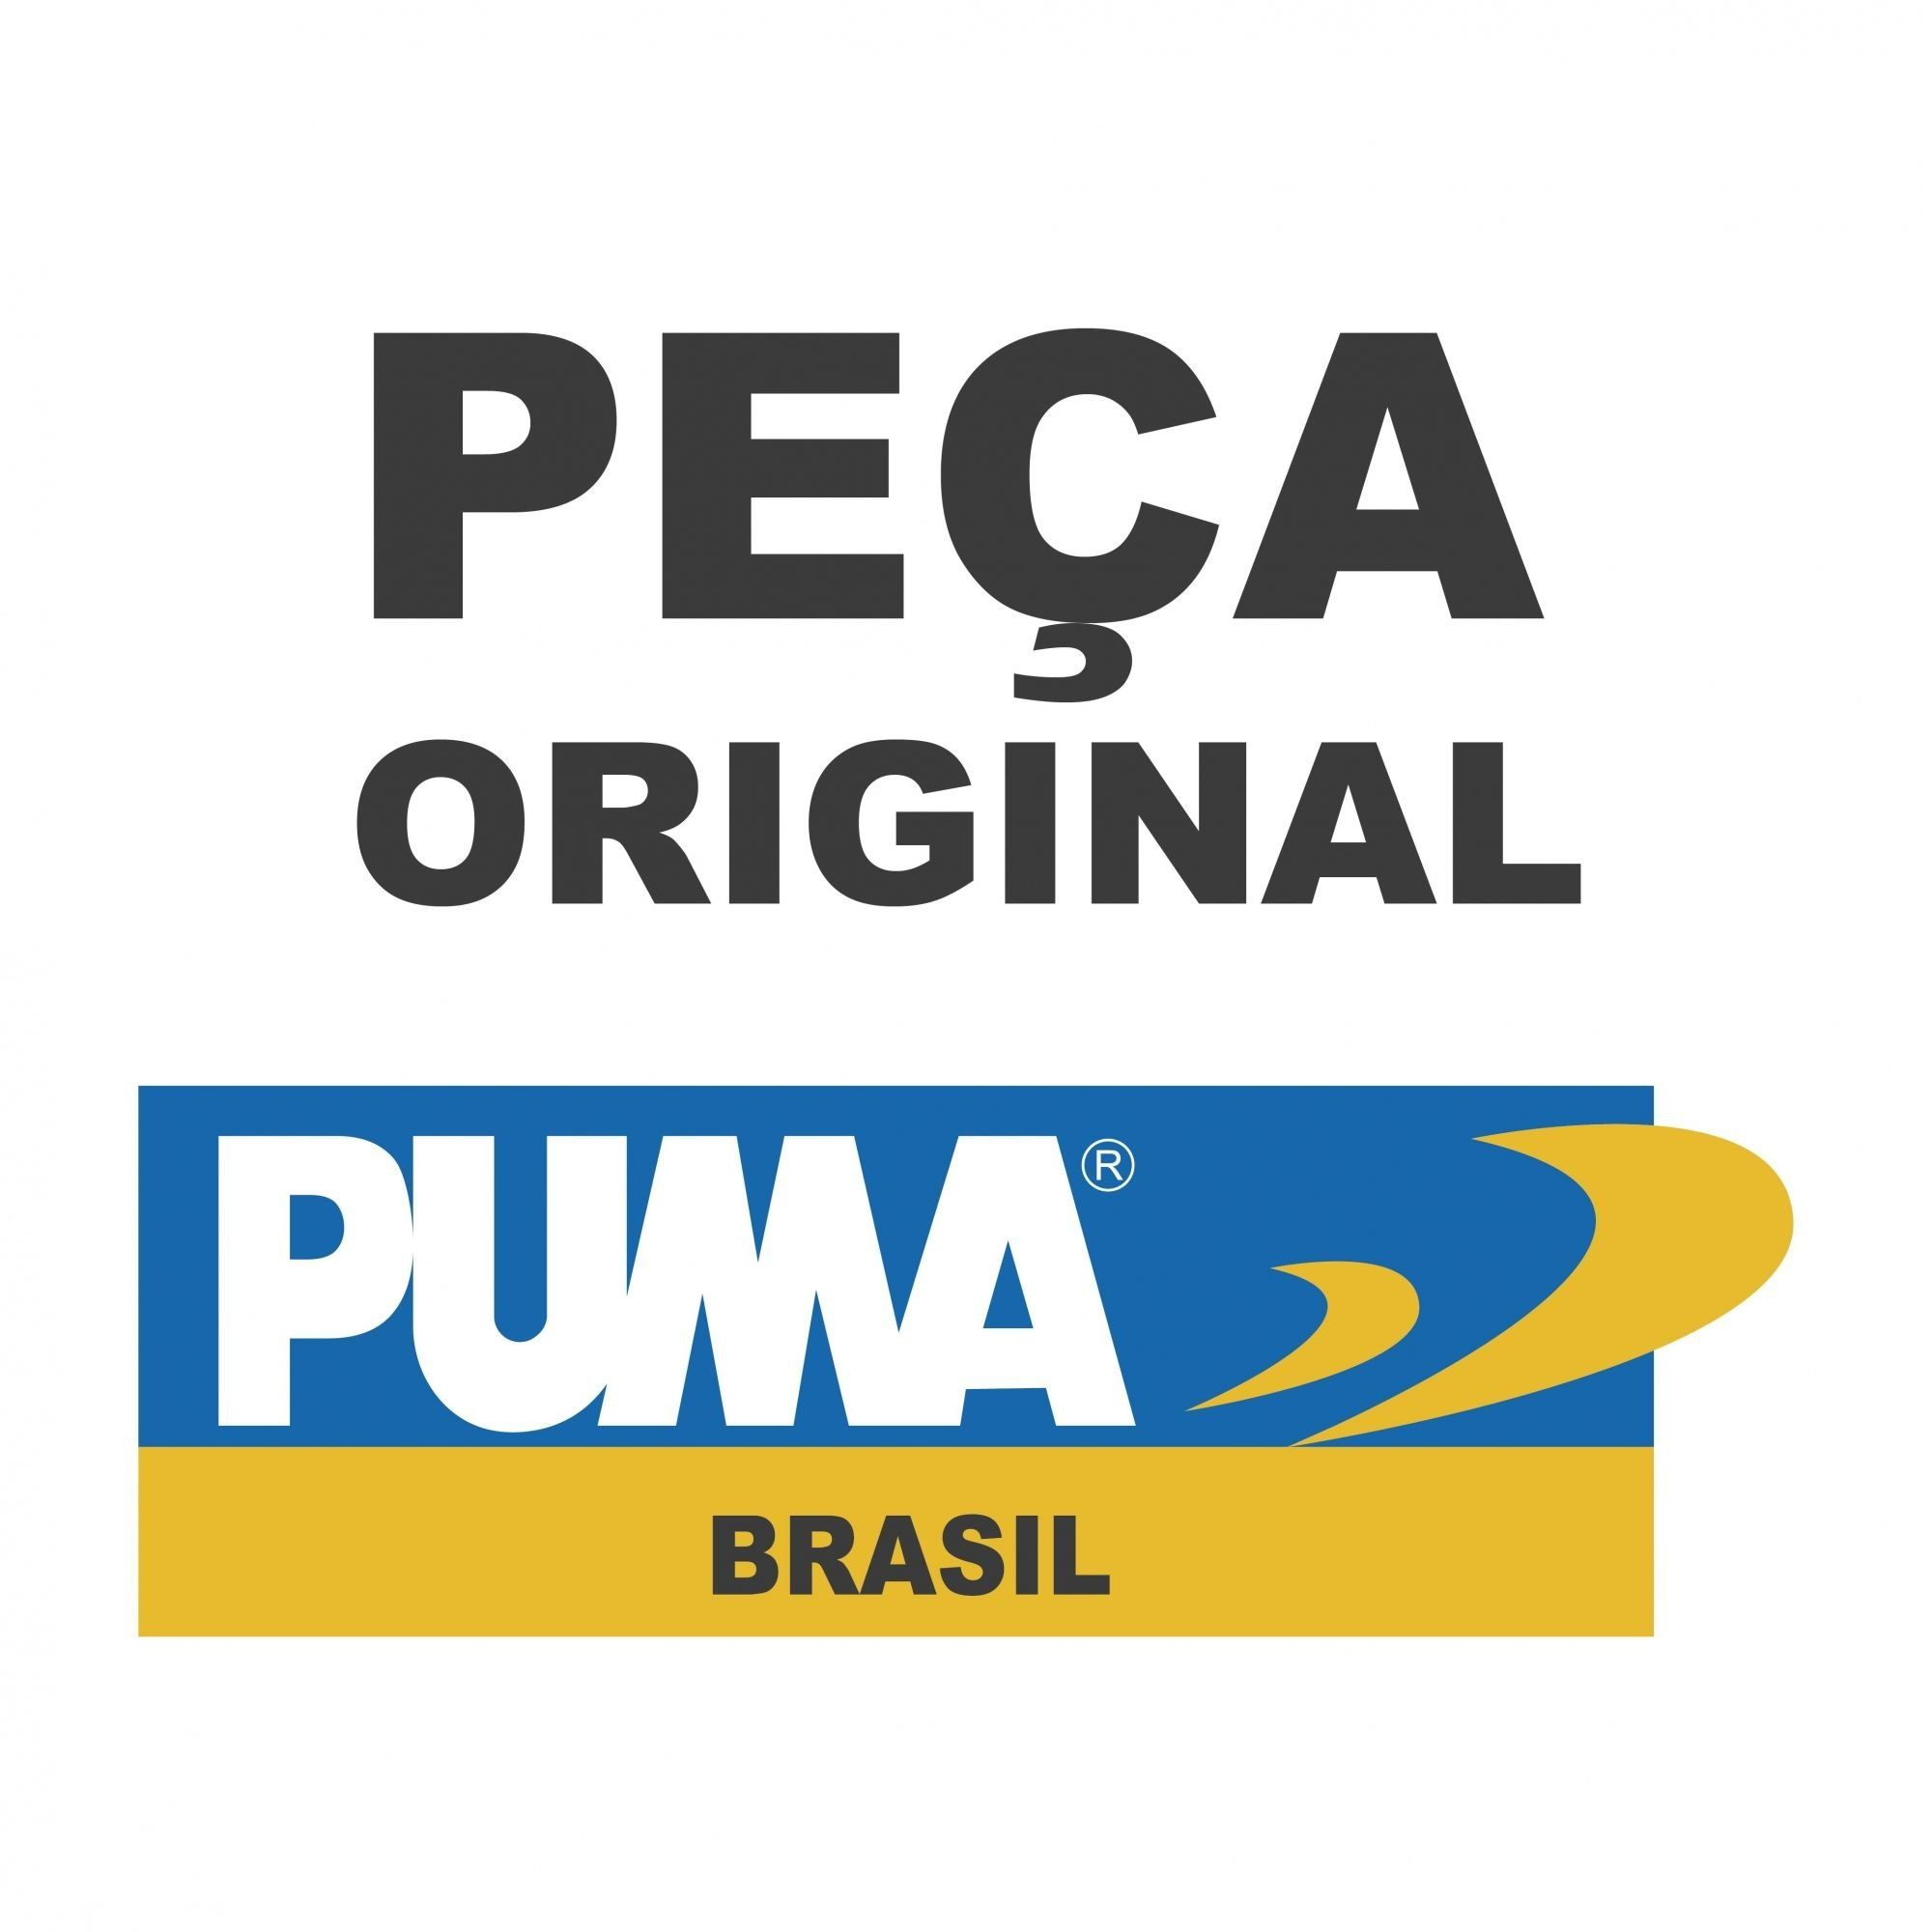 AGULHA DE PINTURA 1.5MM - PEÇA PNEUMÁTICA PUMA - S1006-19A